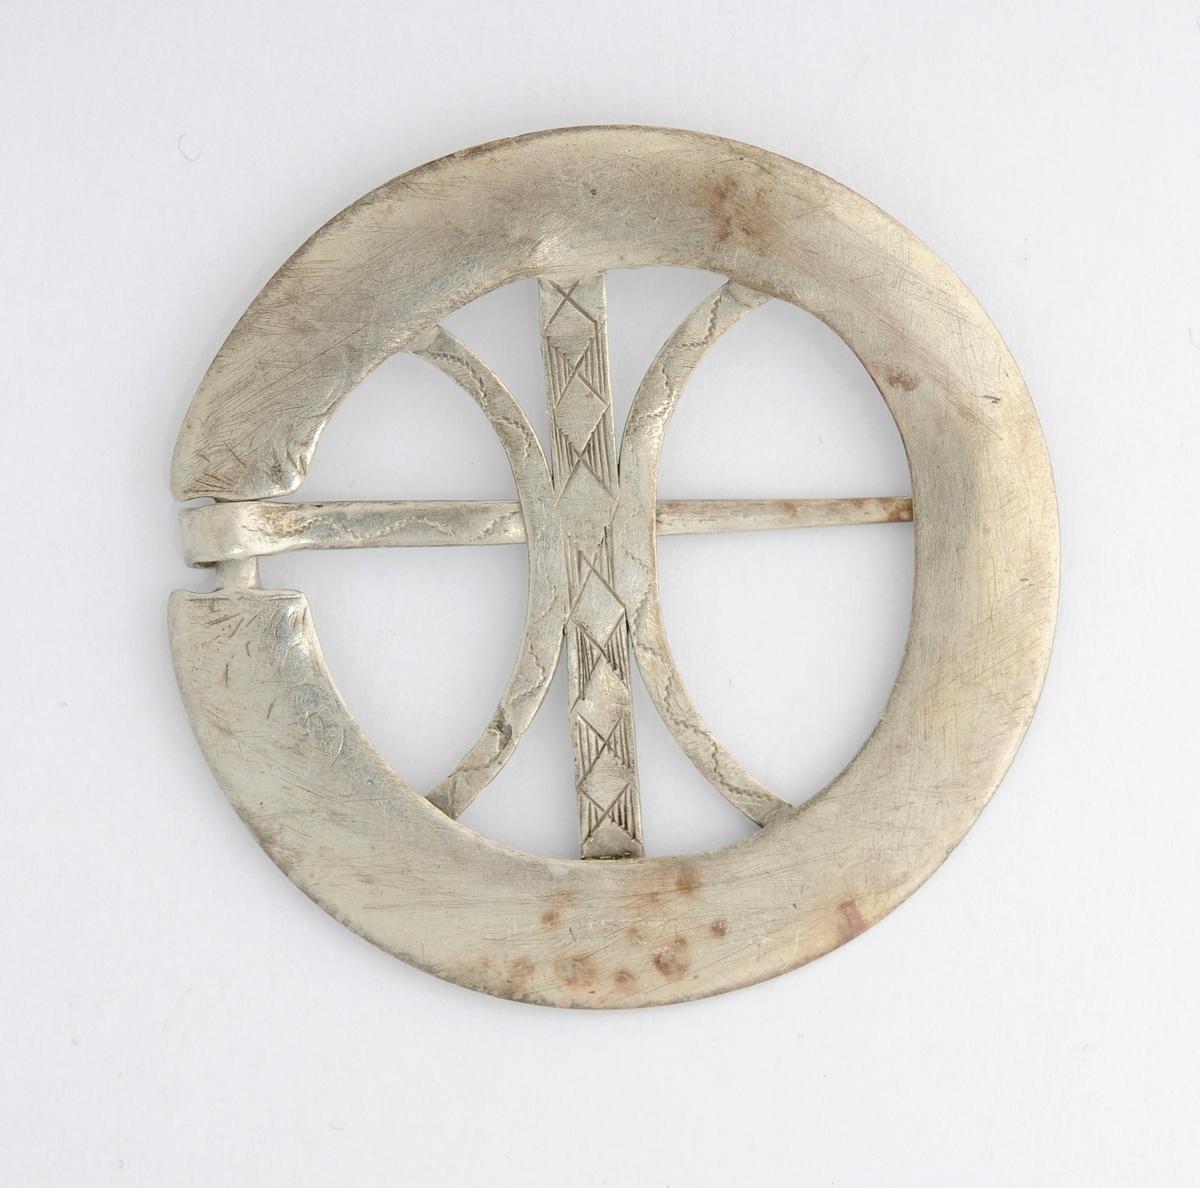 Sølje, bringering i sølv (utan stempel). Rund, (støypt ?) med ei nål (tann). Pålodda midtstolpar med gravert mønster. Glatt på baksida.